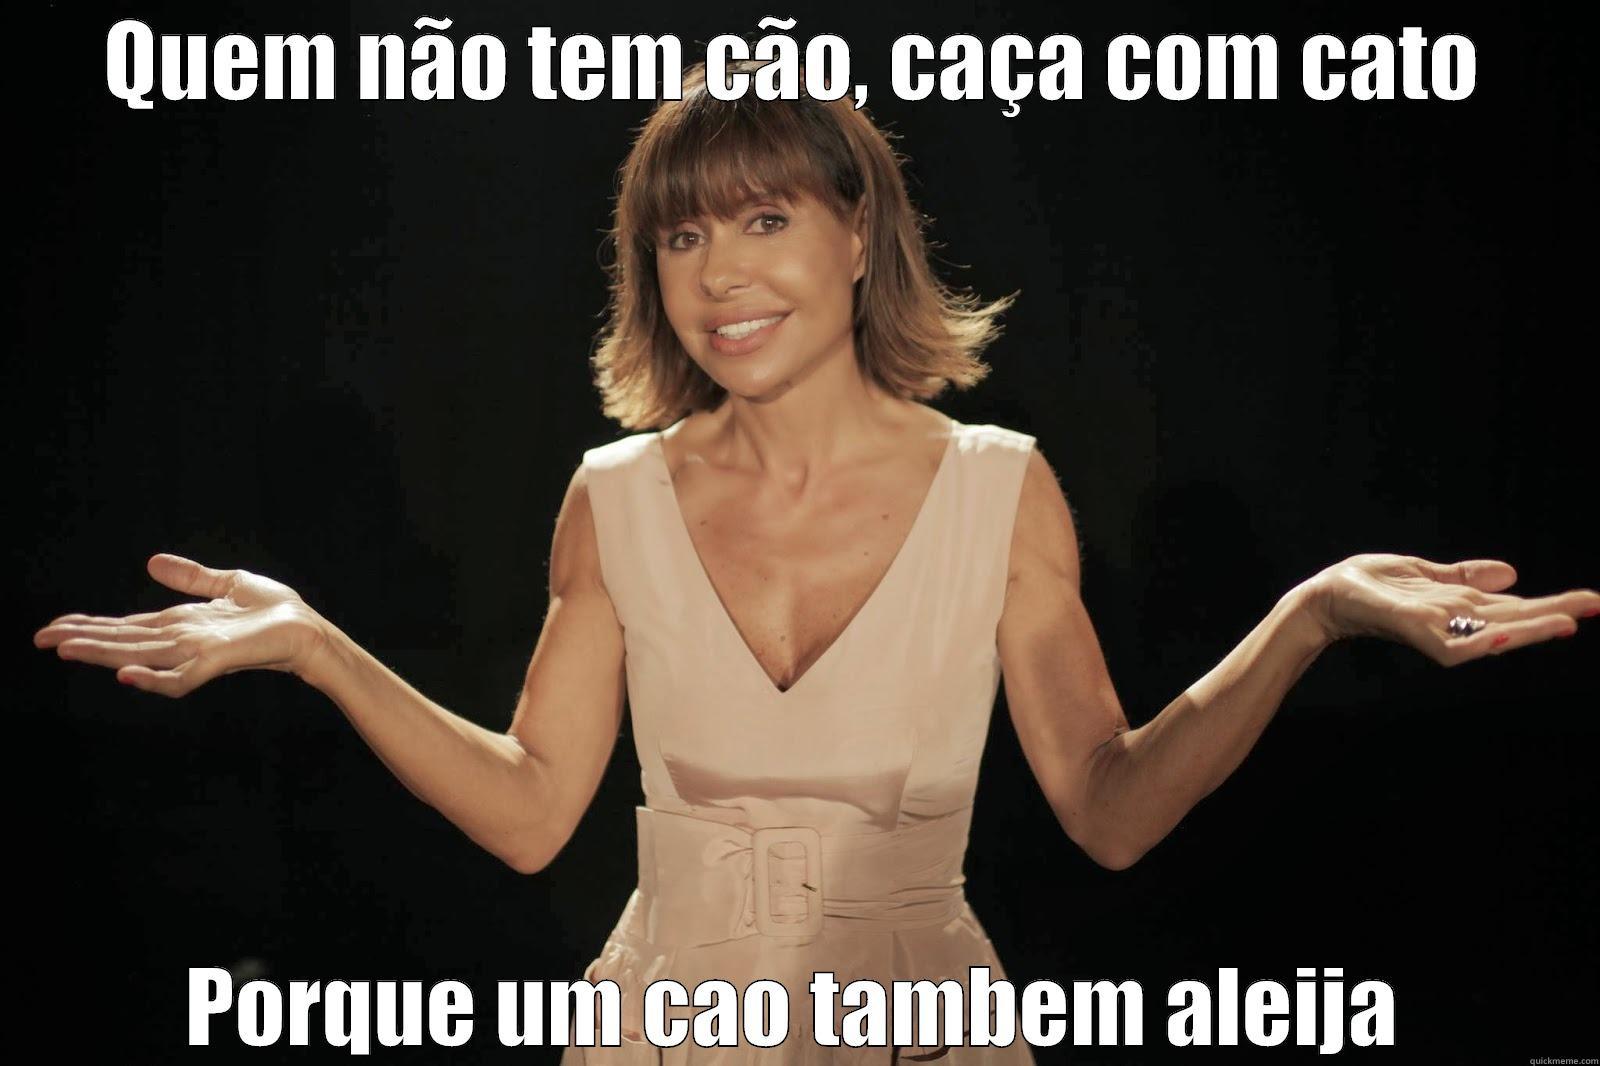 Manuela Meme Guedes - QUEM NÃO TEM CÃO, CAÇA COM CATO PORQUE UM CAO TAMBEM ALEIJA Misc